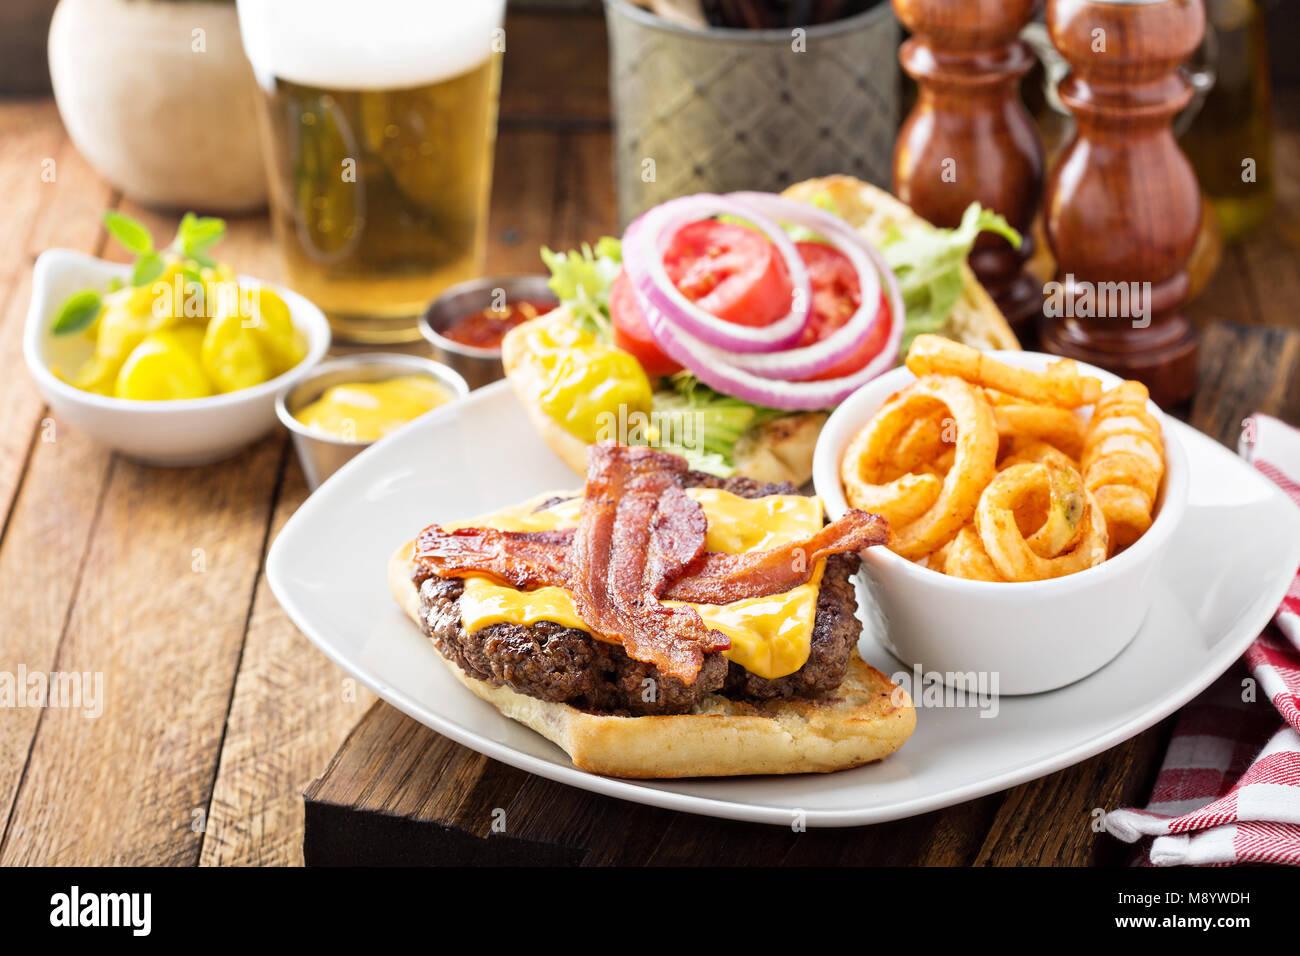 Americano tradicional hamburguesa con queso y bacon. Imagen De Stock